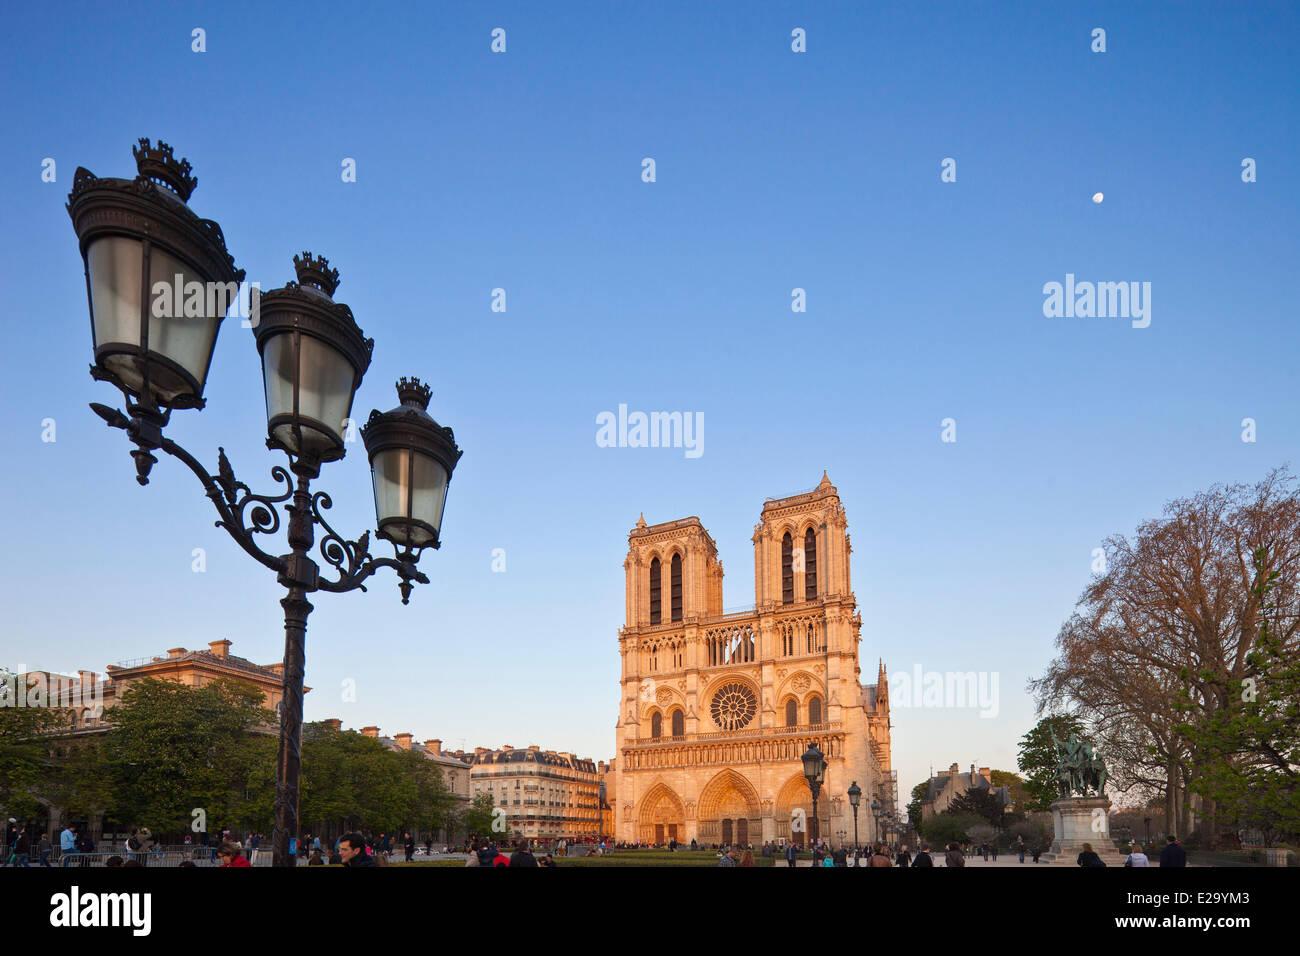 France, Paris, Notre Dame de Paris cathedral - Stock Image